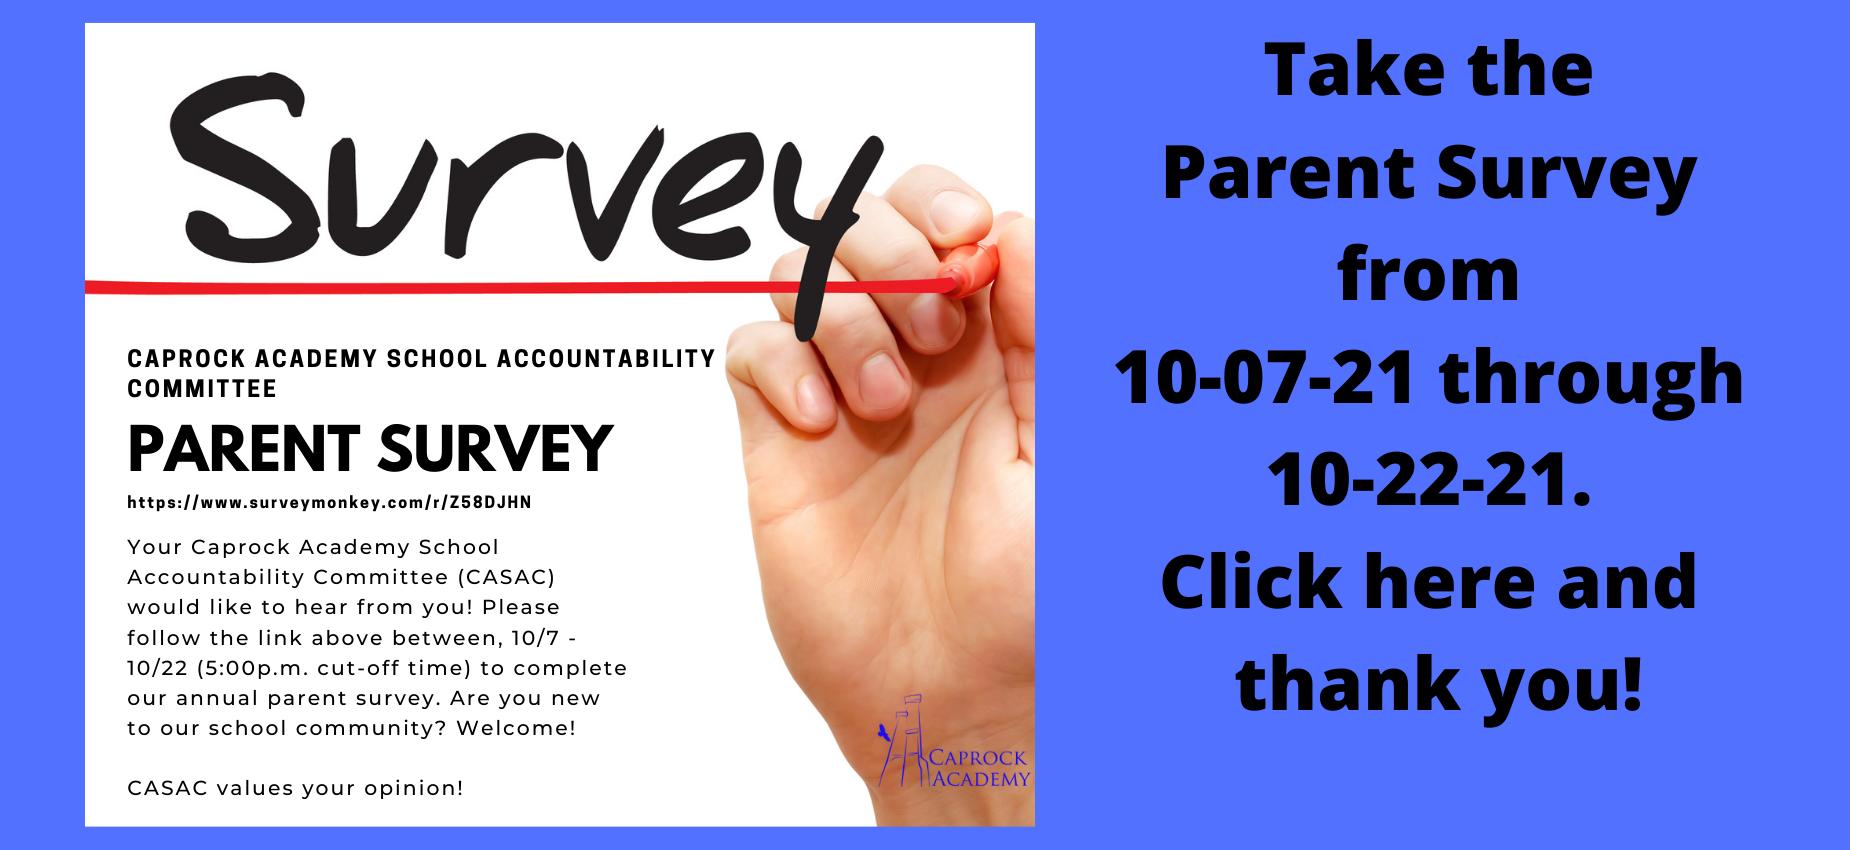 Parent survey time